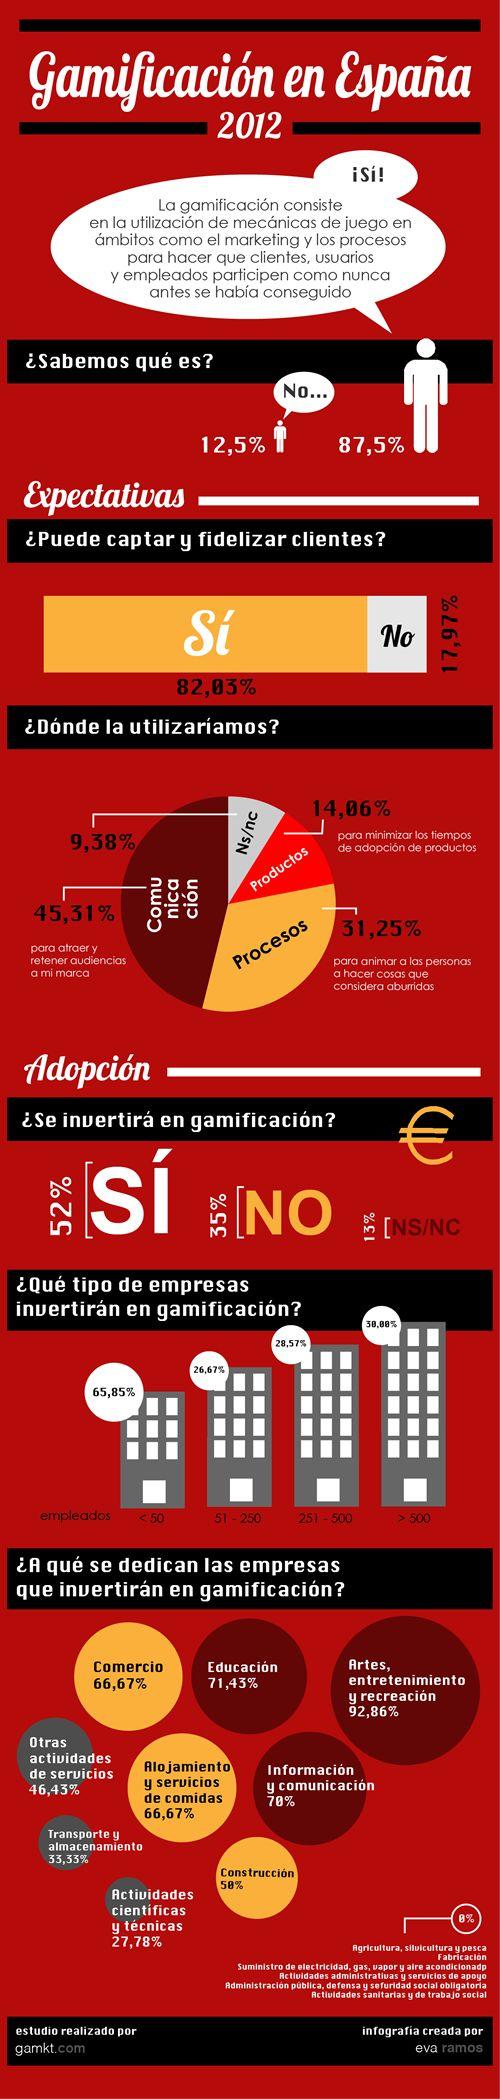 #Gamificación en España